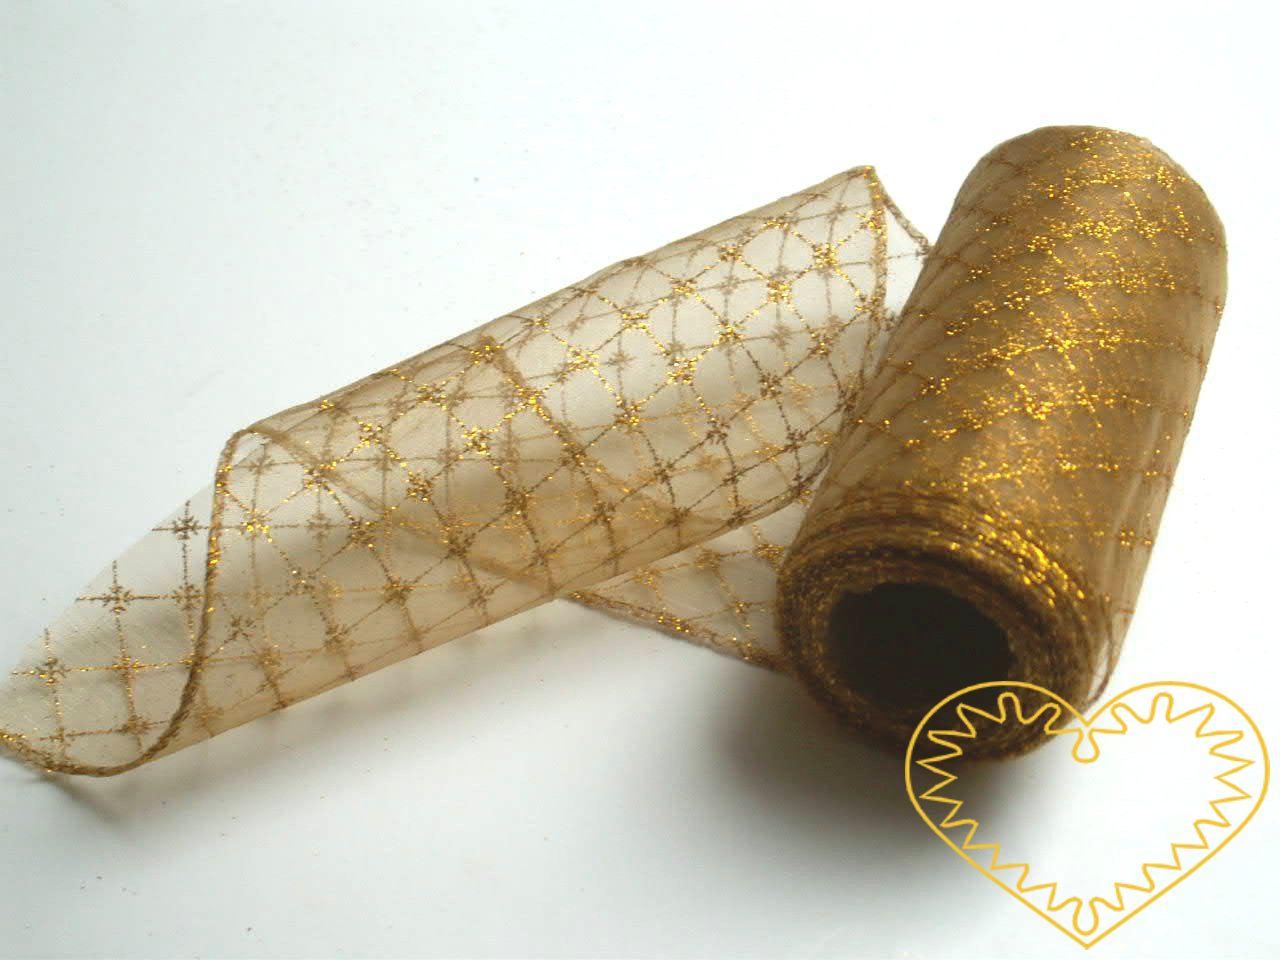 Organza zlatá mřížka - šíře 12 cm, délka 9,14 m, z obou stran obroubená. Vhodná dekorování, šití, aranžování, výzdobu slavnostní tabule, balení dárků, výrobu ozdob, broží apod..